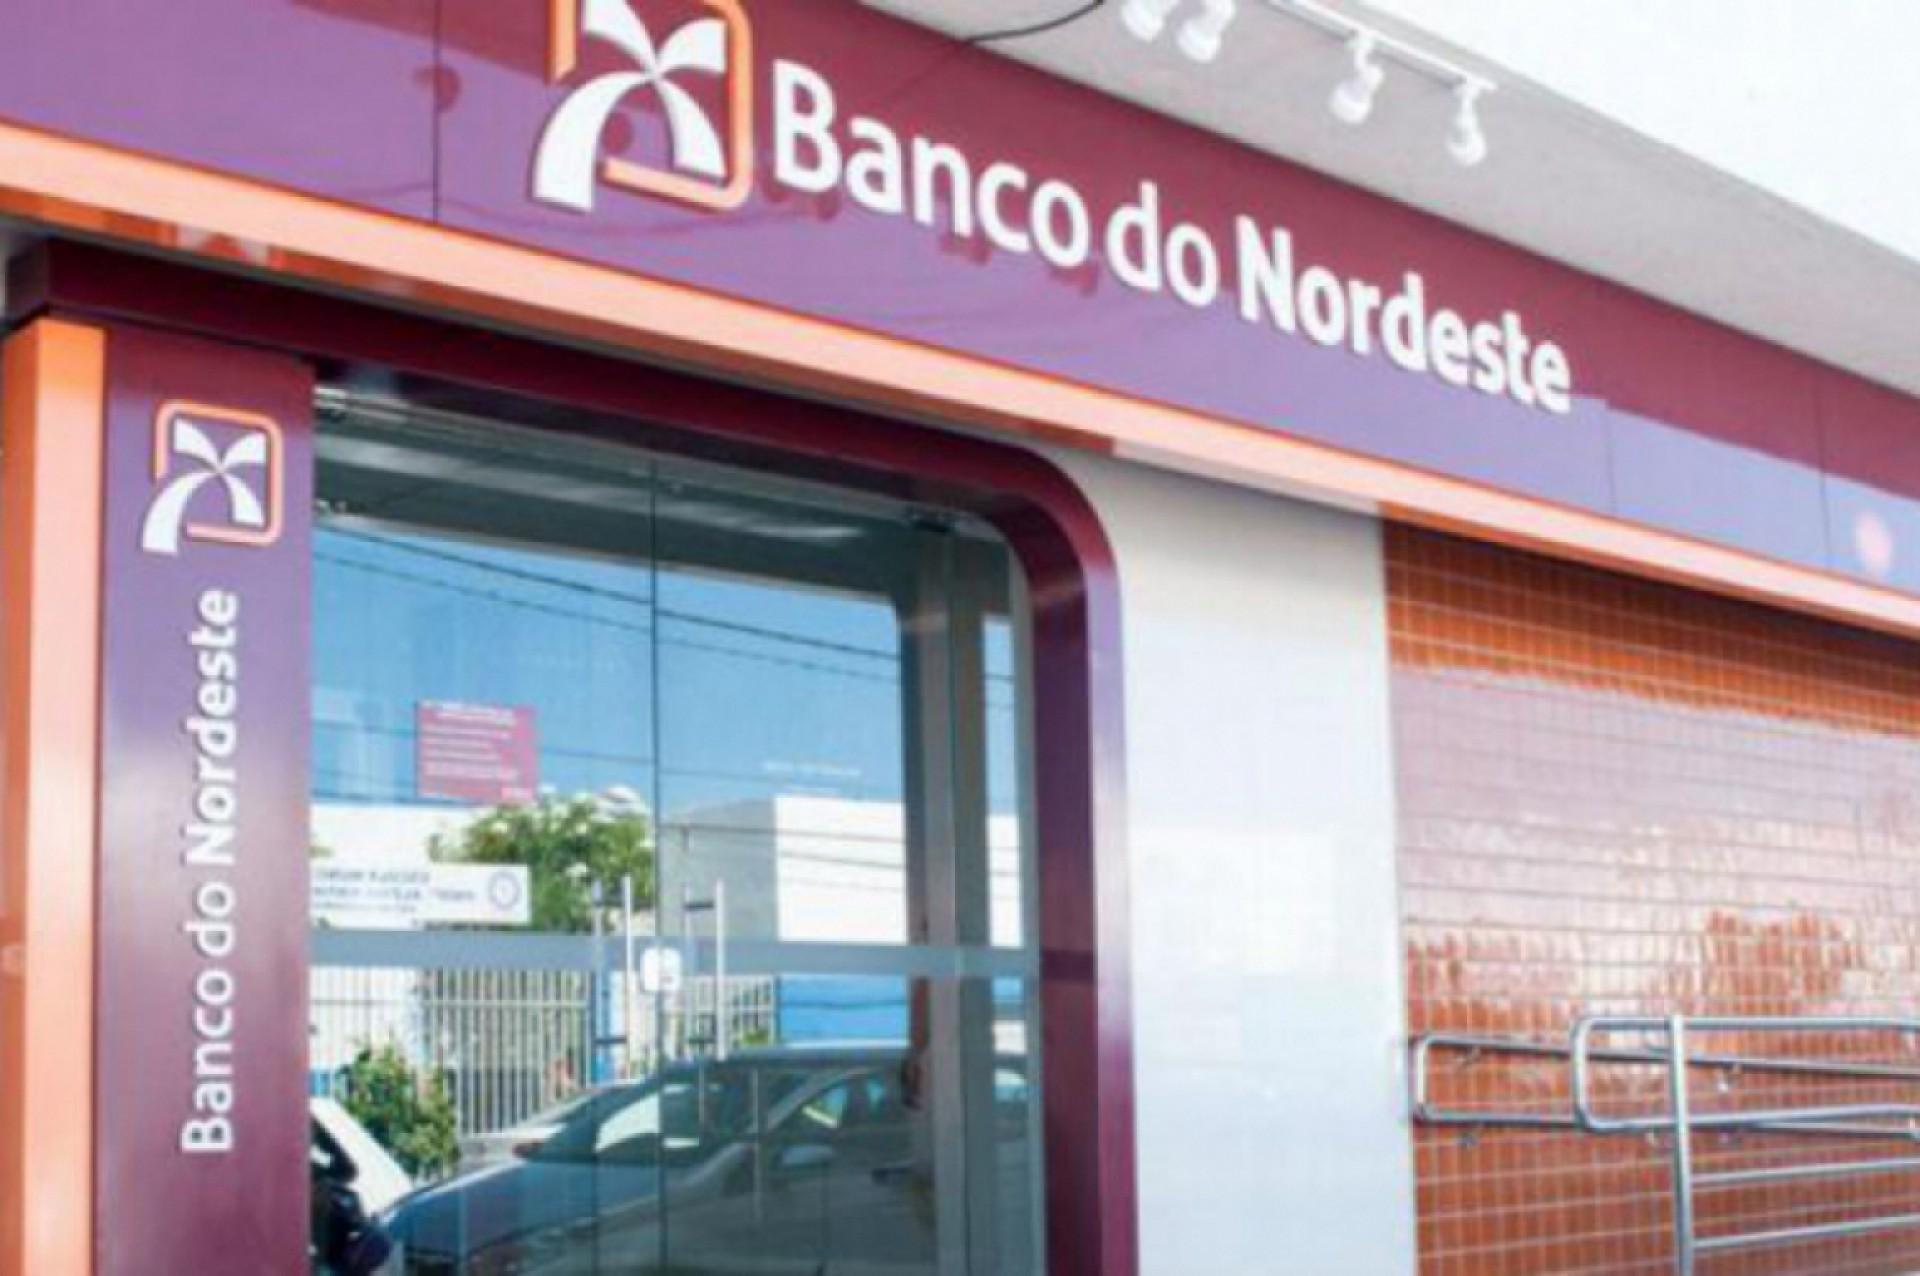 Fachada do Banco do Nordeste  (Foto: Divulgação)